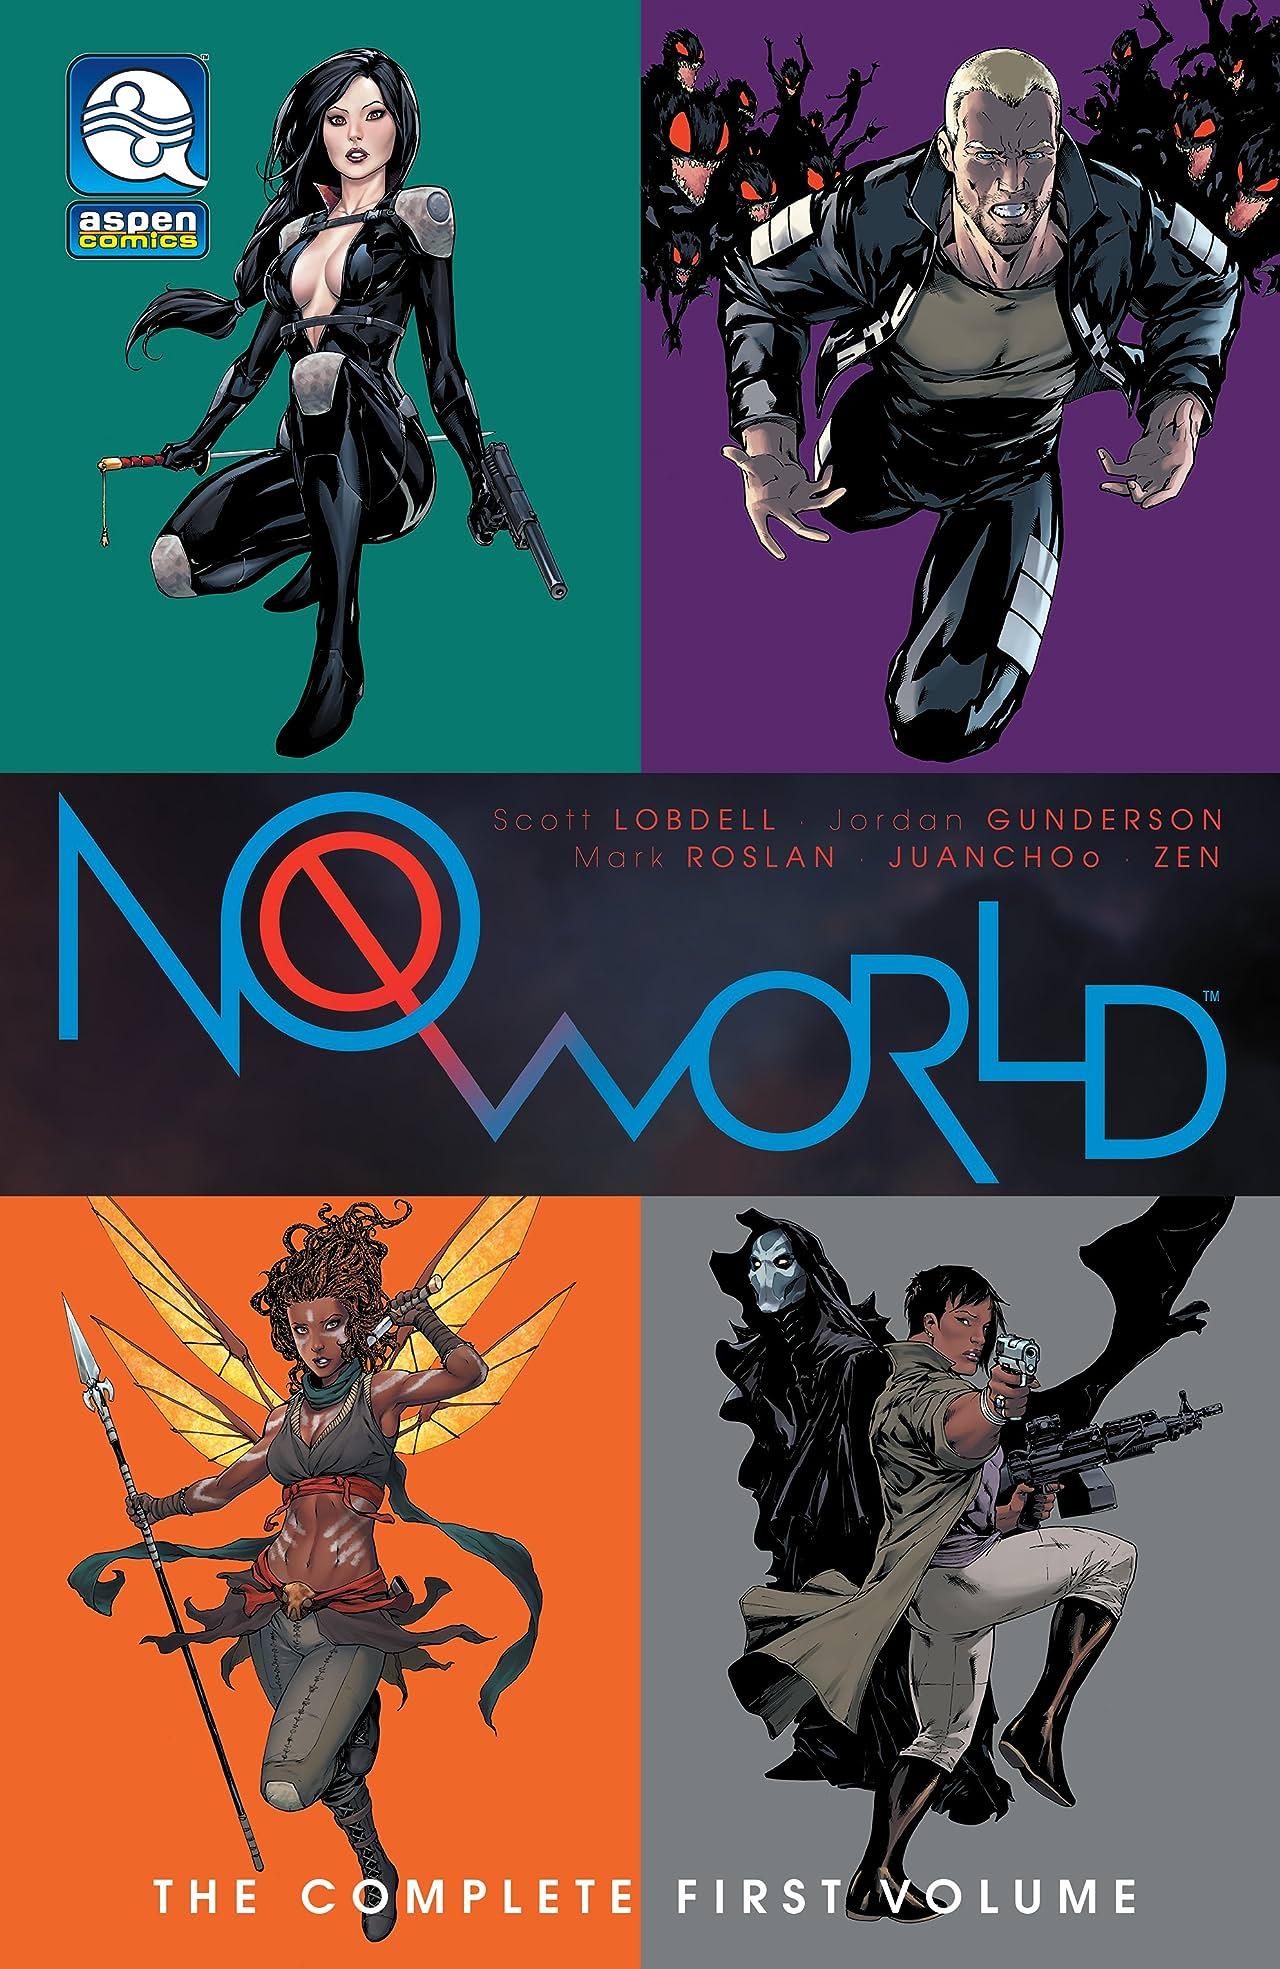 No World Vol. 1